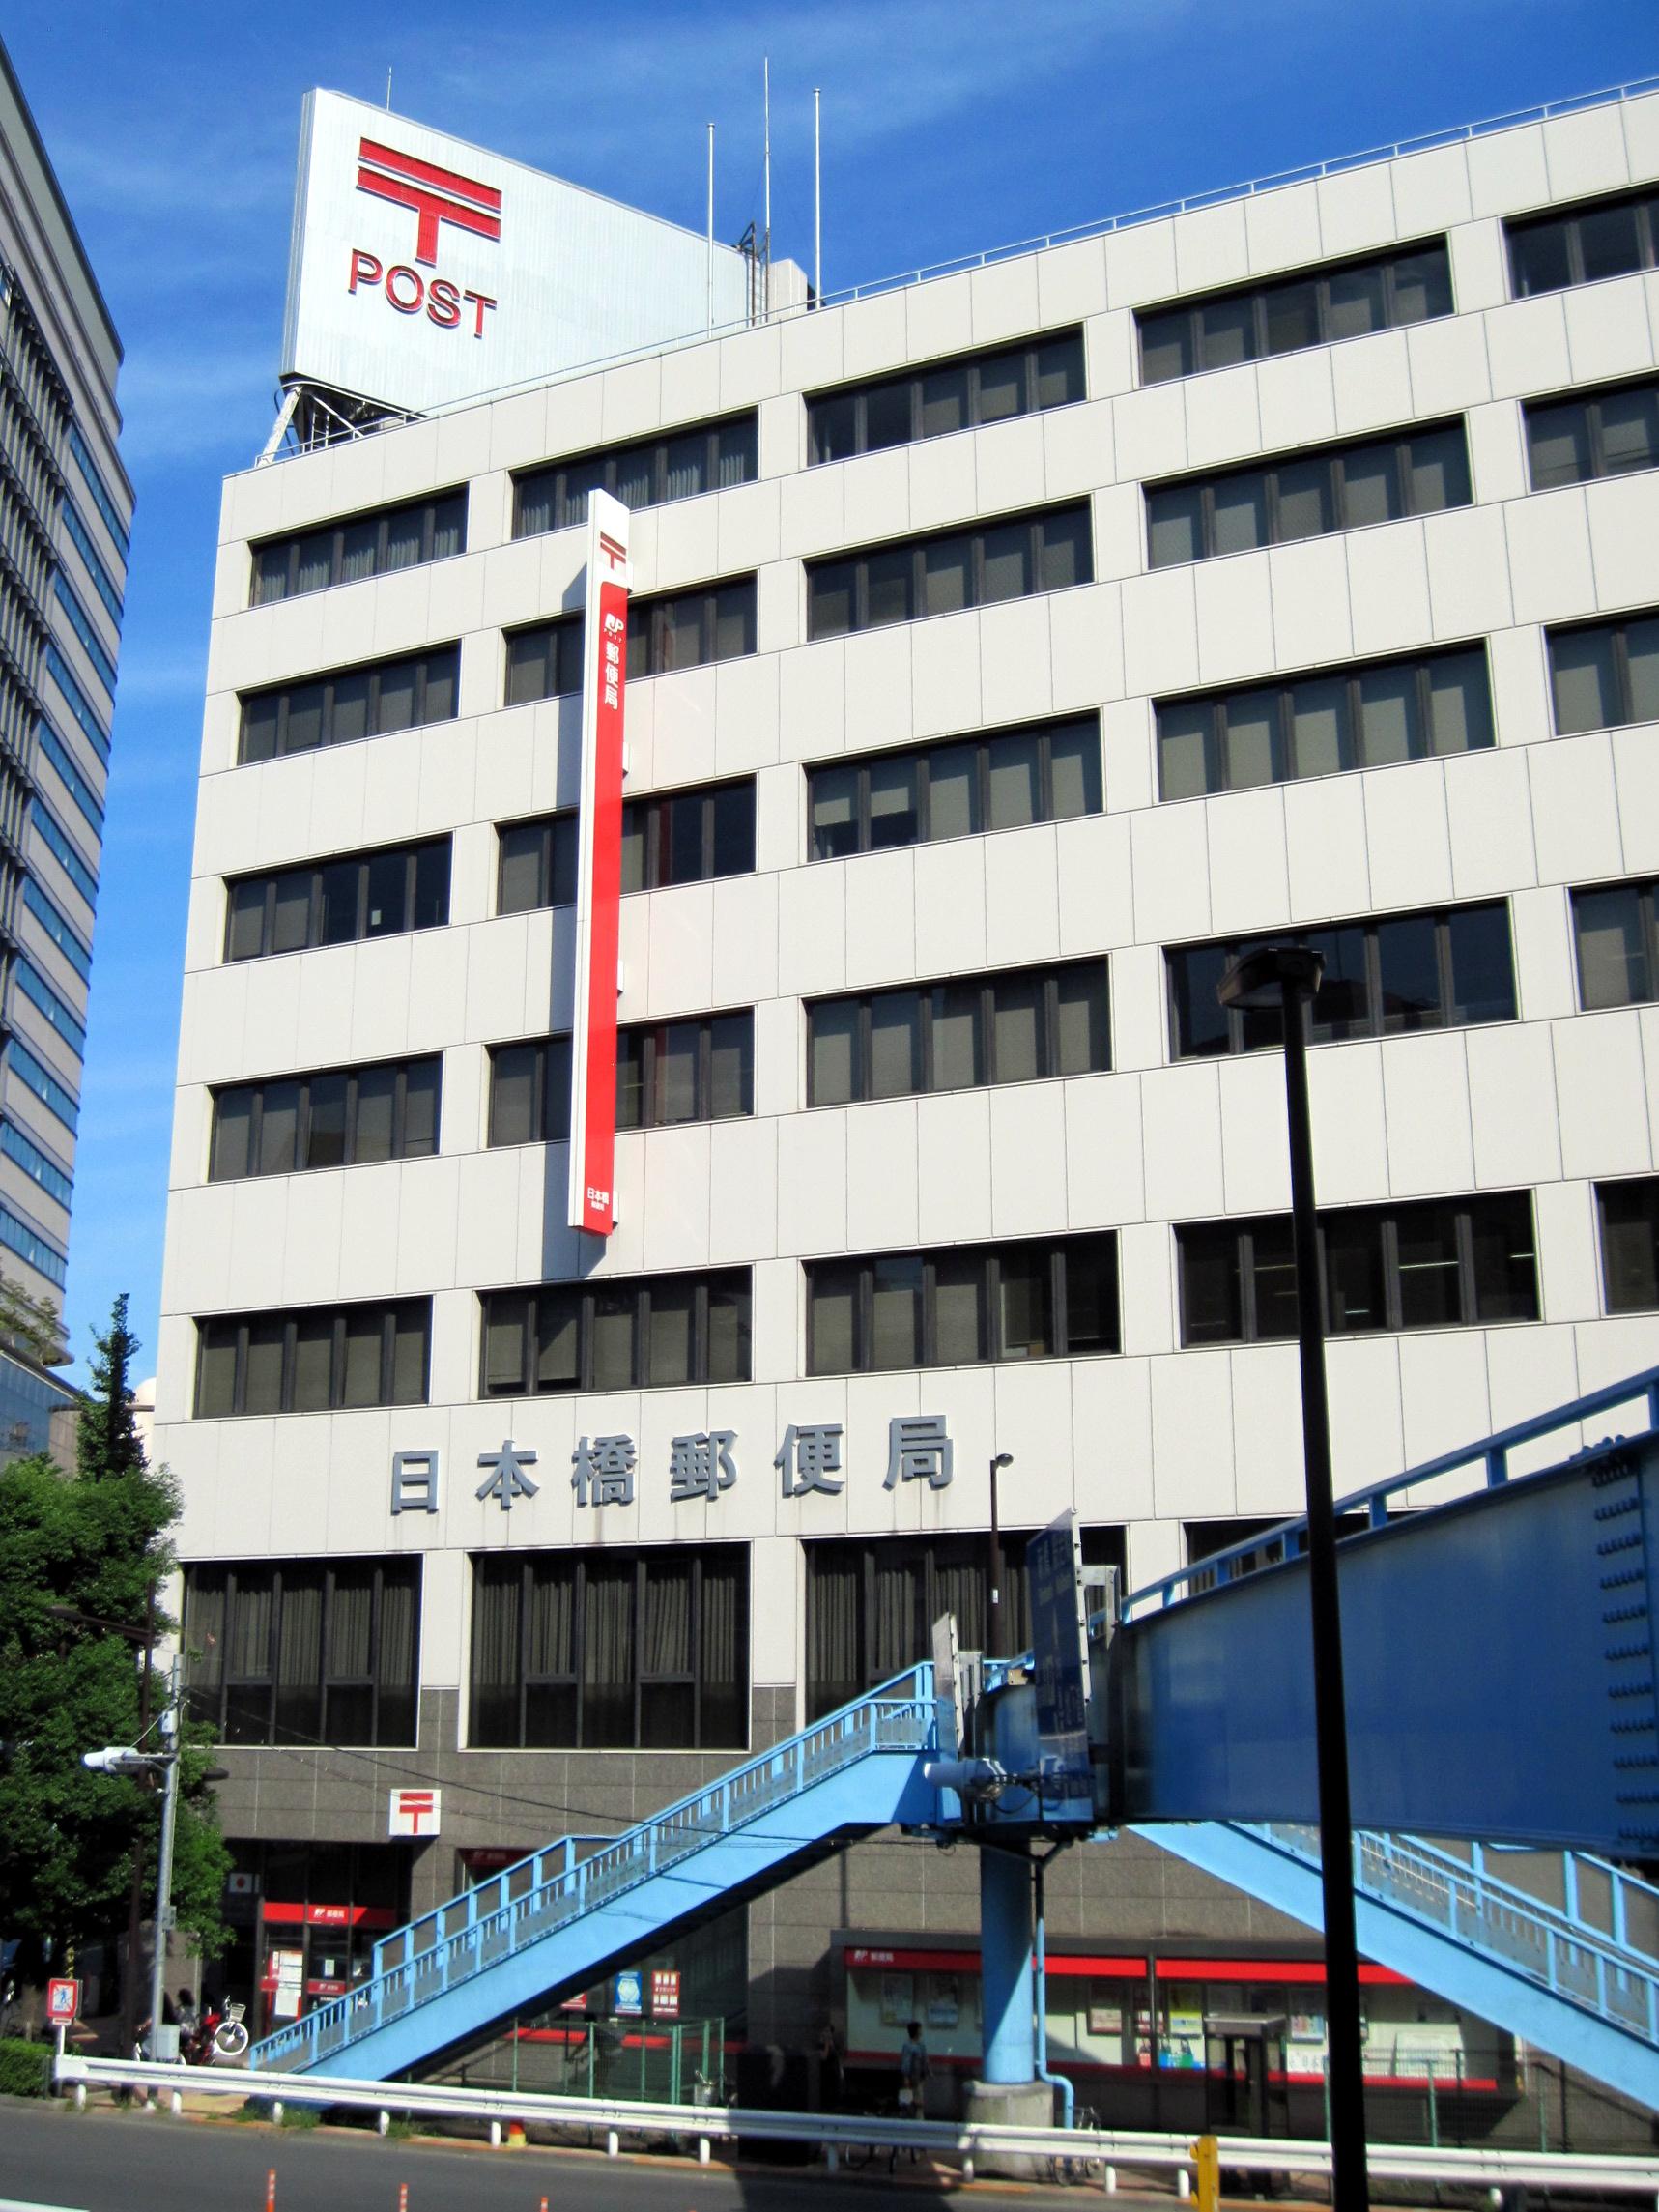 江戸橋のほとりにある日本橋郵便局の外観